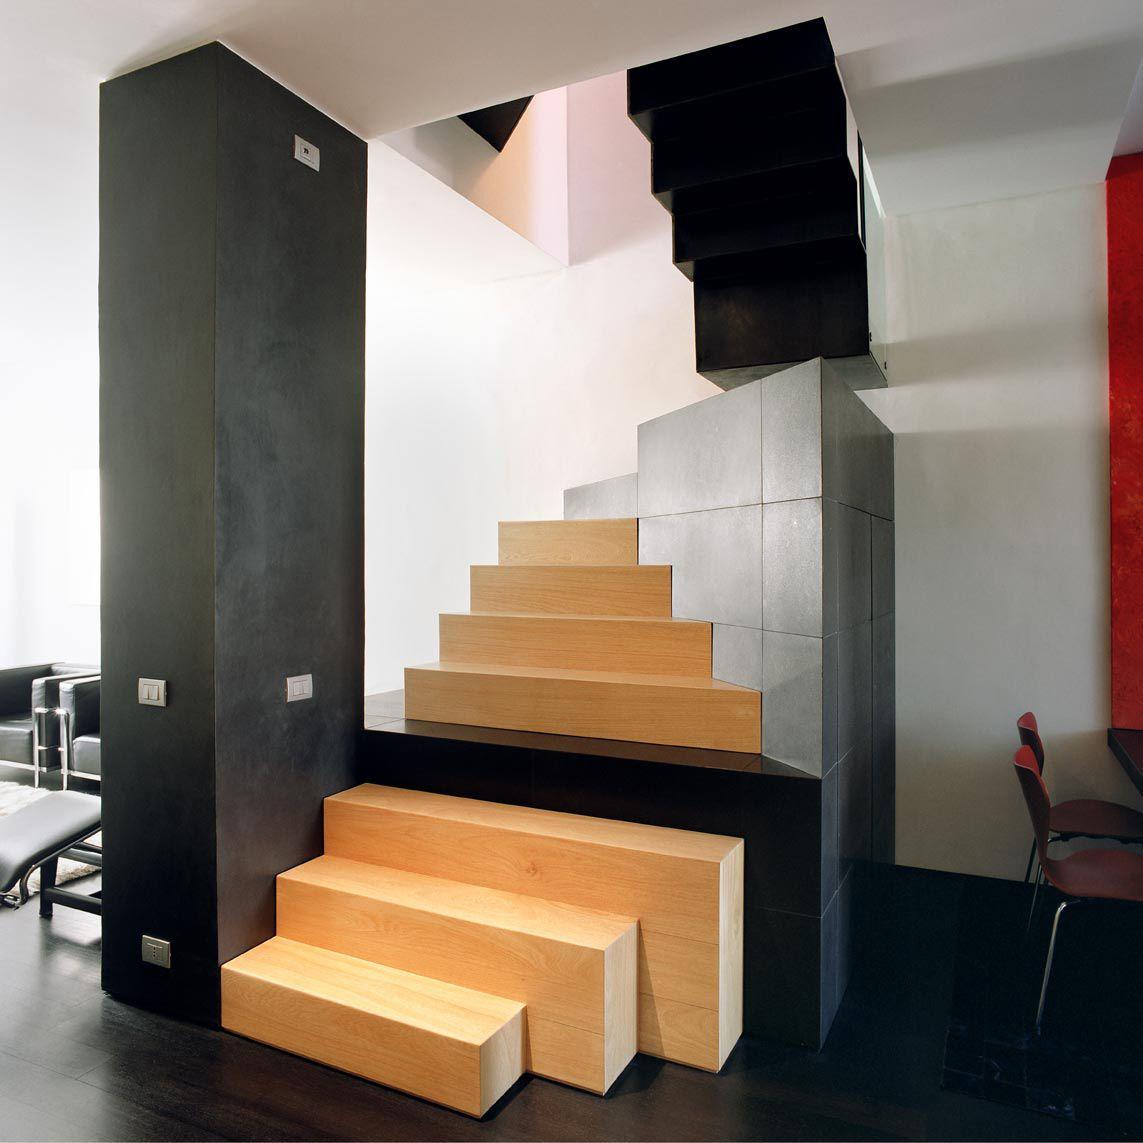 40 idee scale moderne per interni scale moderne scale e for Architettura case moderne idee